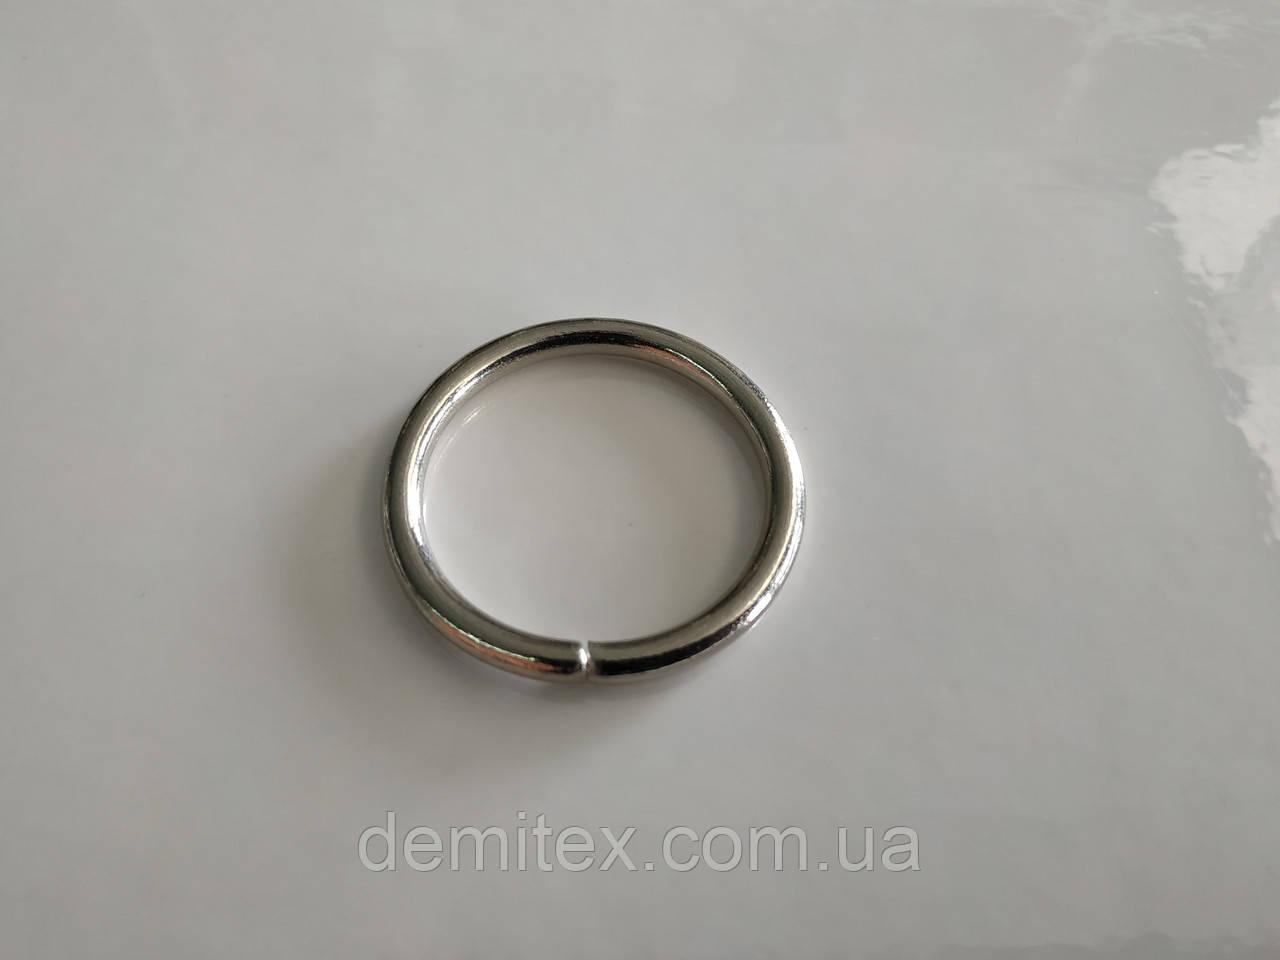 Кольцо никель 25х3 мм